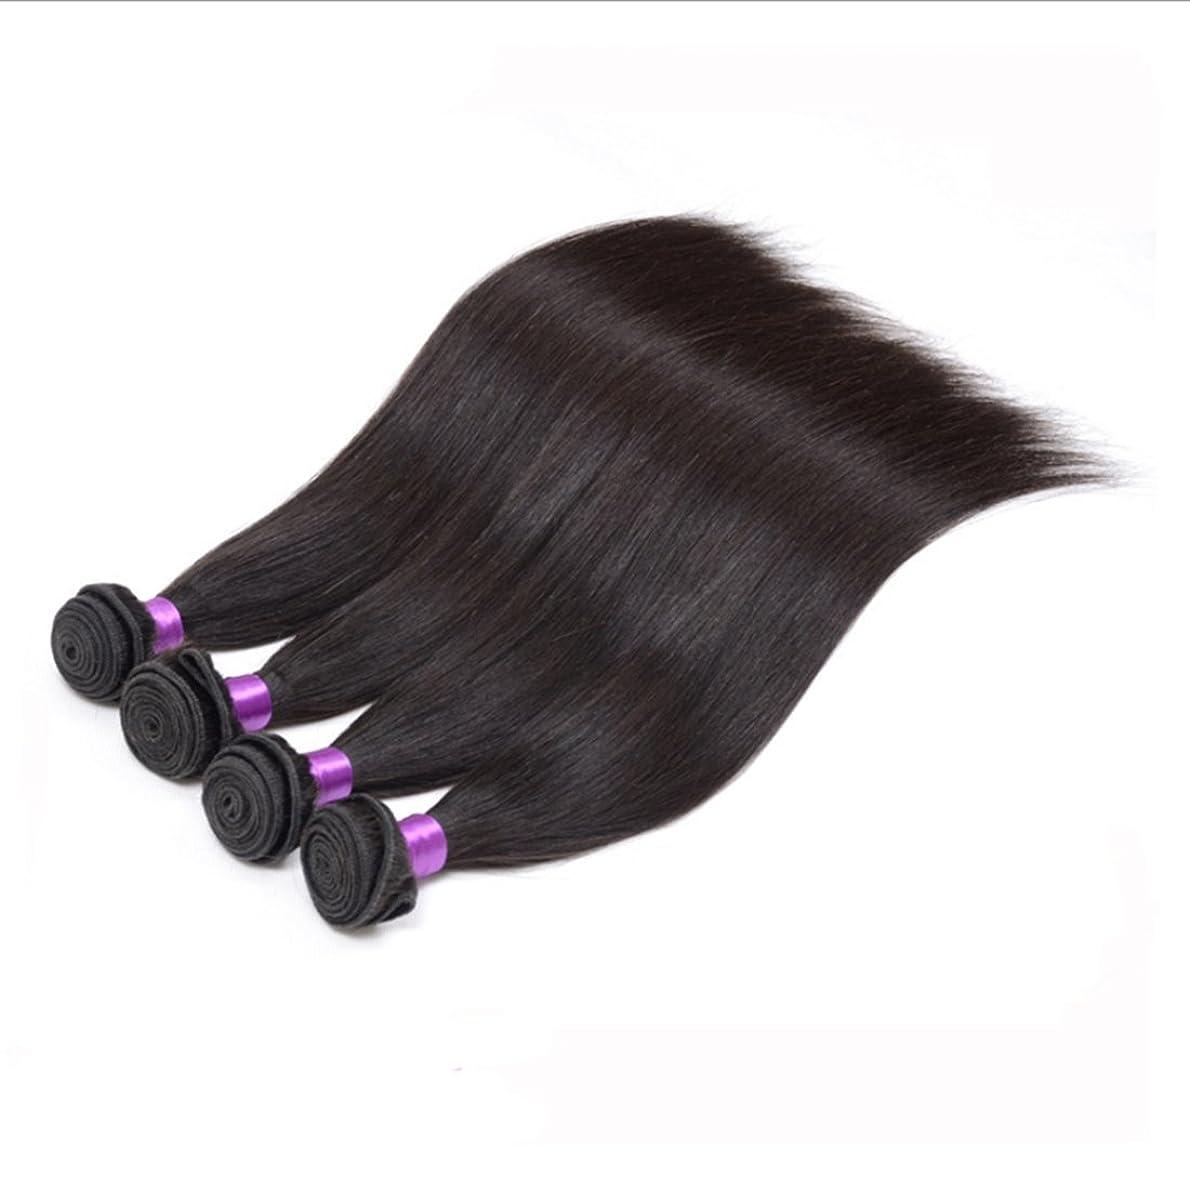 牛ライド残酷BOBIDYEE 本当に人間の髪の毛の毛髪のかつら人毛ウィッグかつら8?21インチストレートヘア(1バンドル)のかつら本物のかつらロールウィッグロールプレイングかつら (サイズ : 14inch)